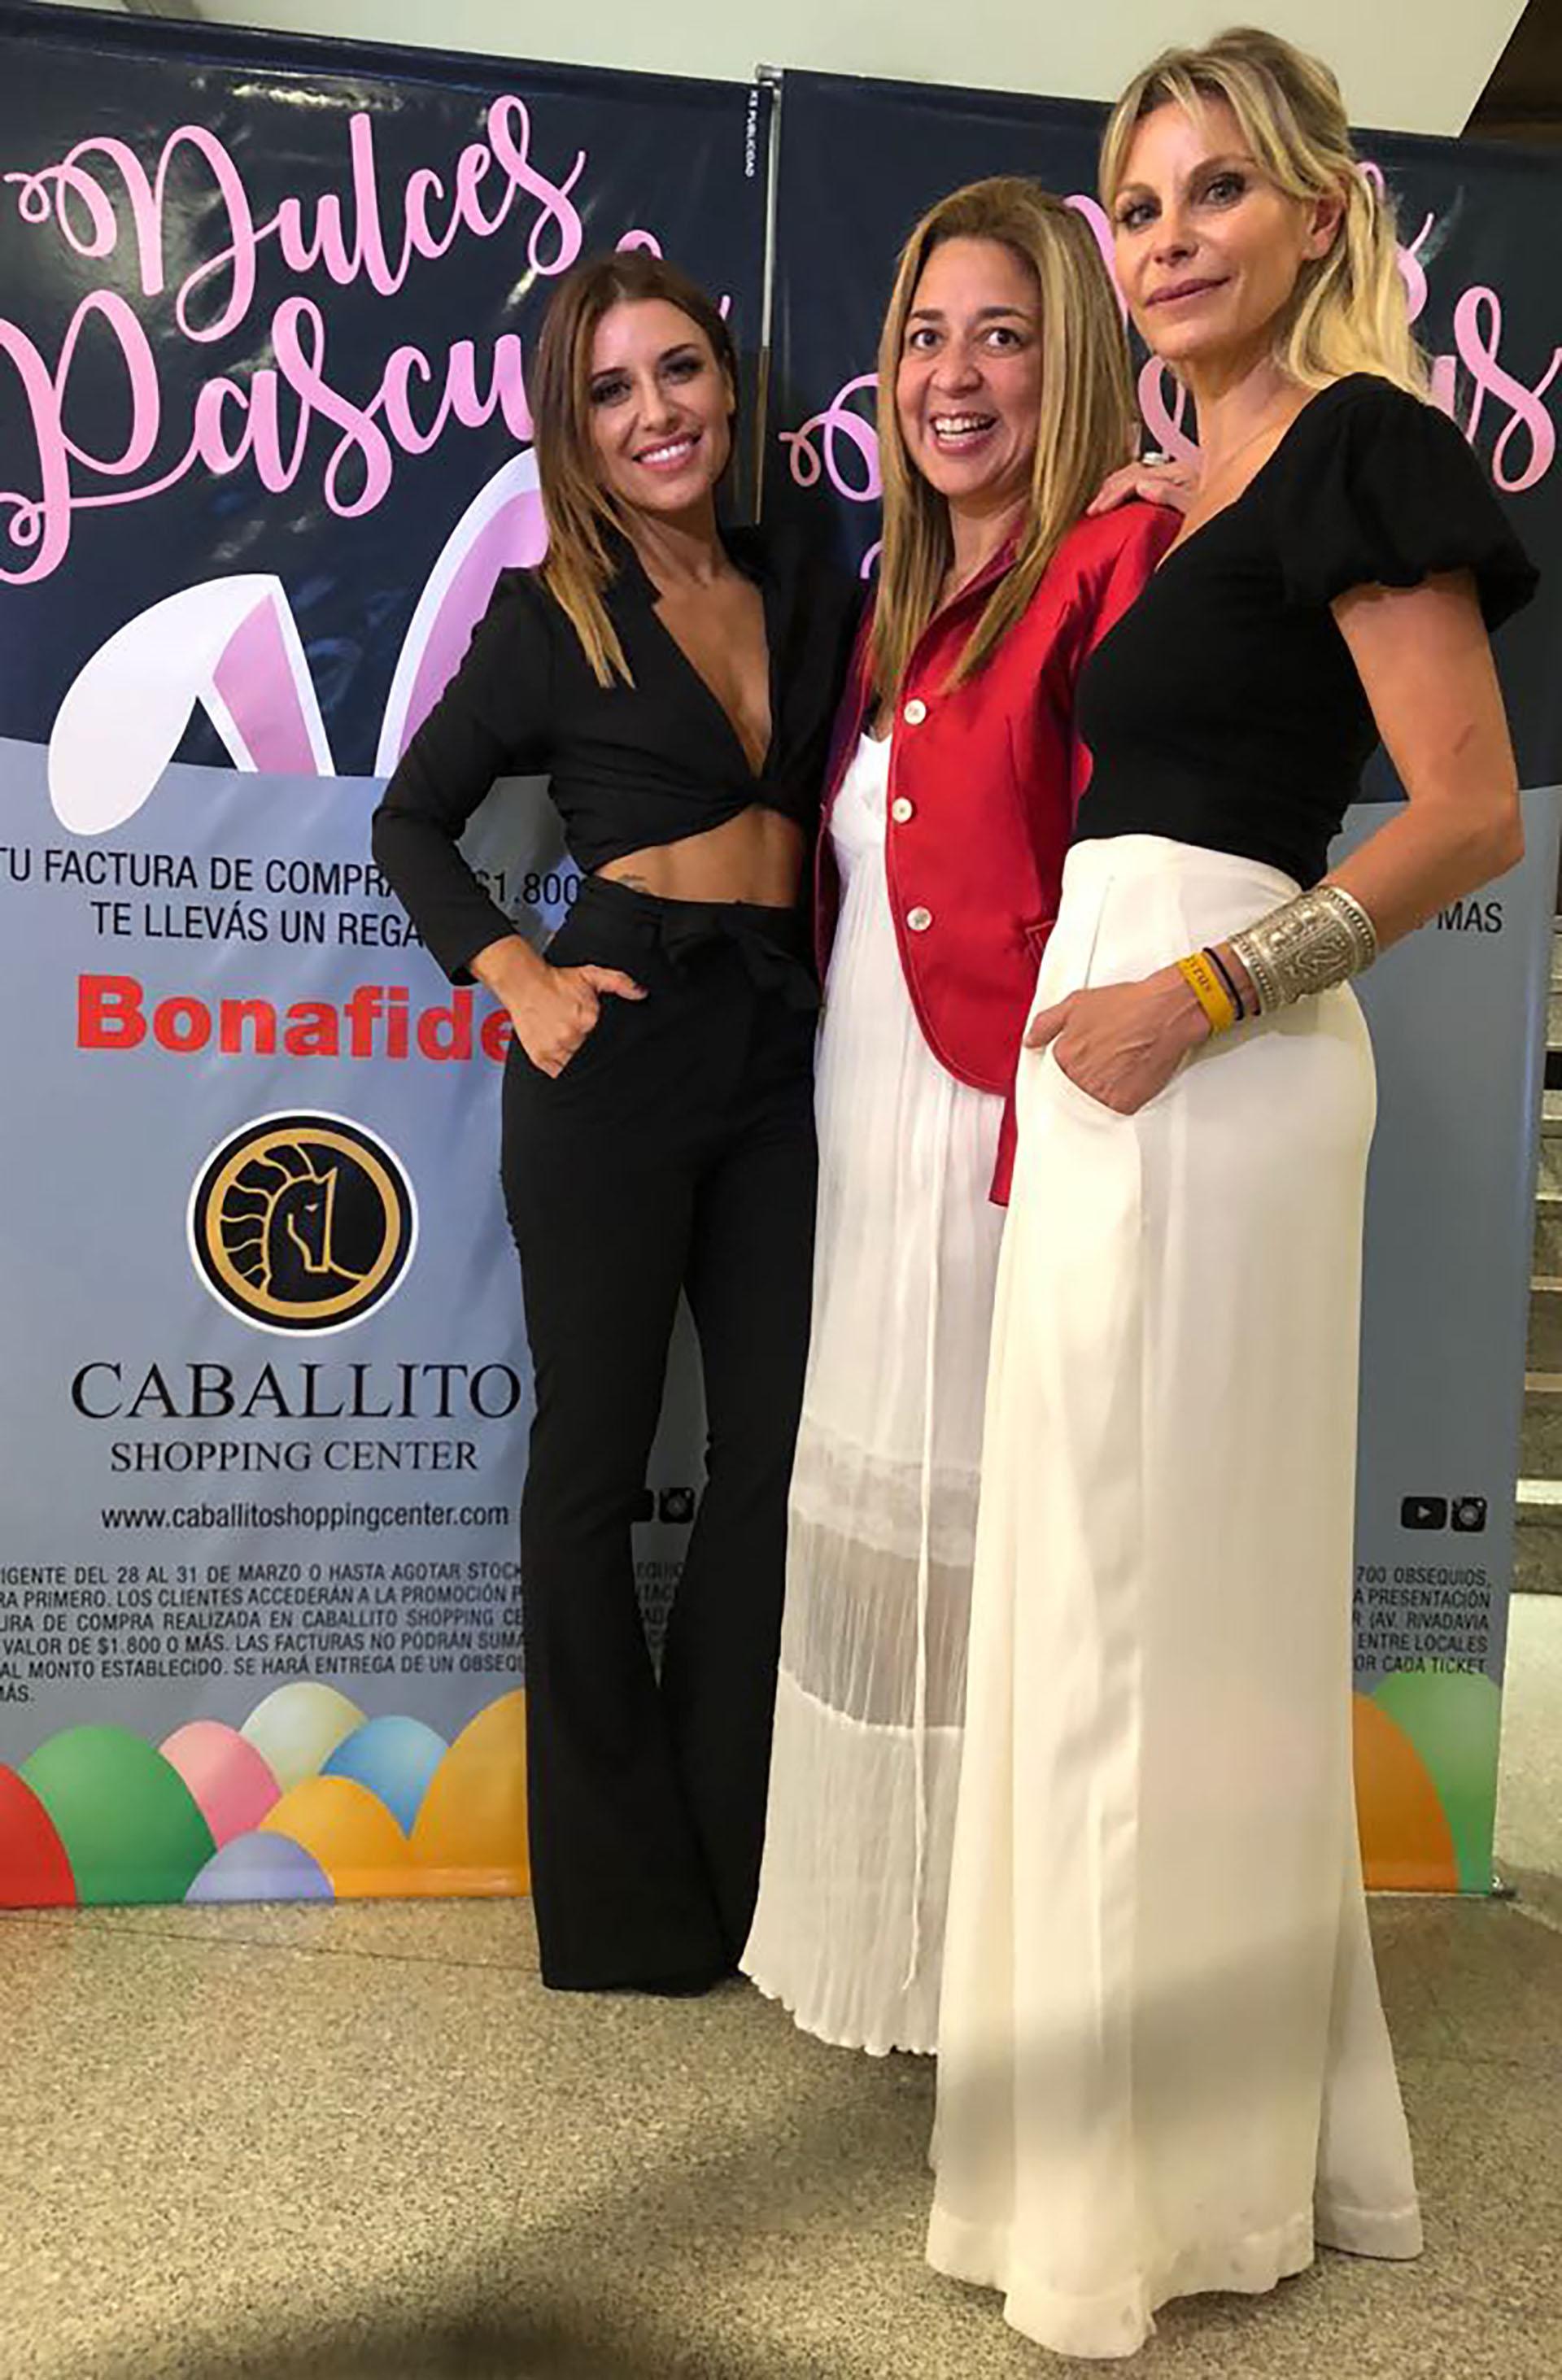 La directora del Shopping Maria Laura Gregorialdis junto a Mariana y Jimena